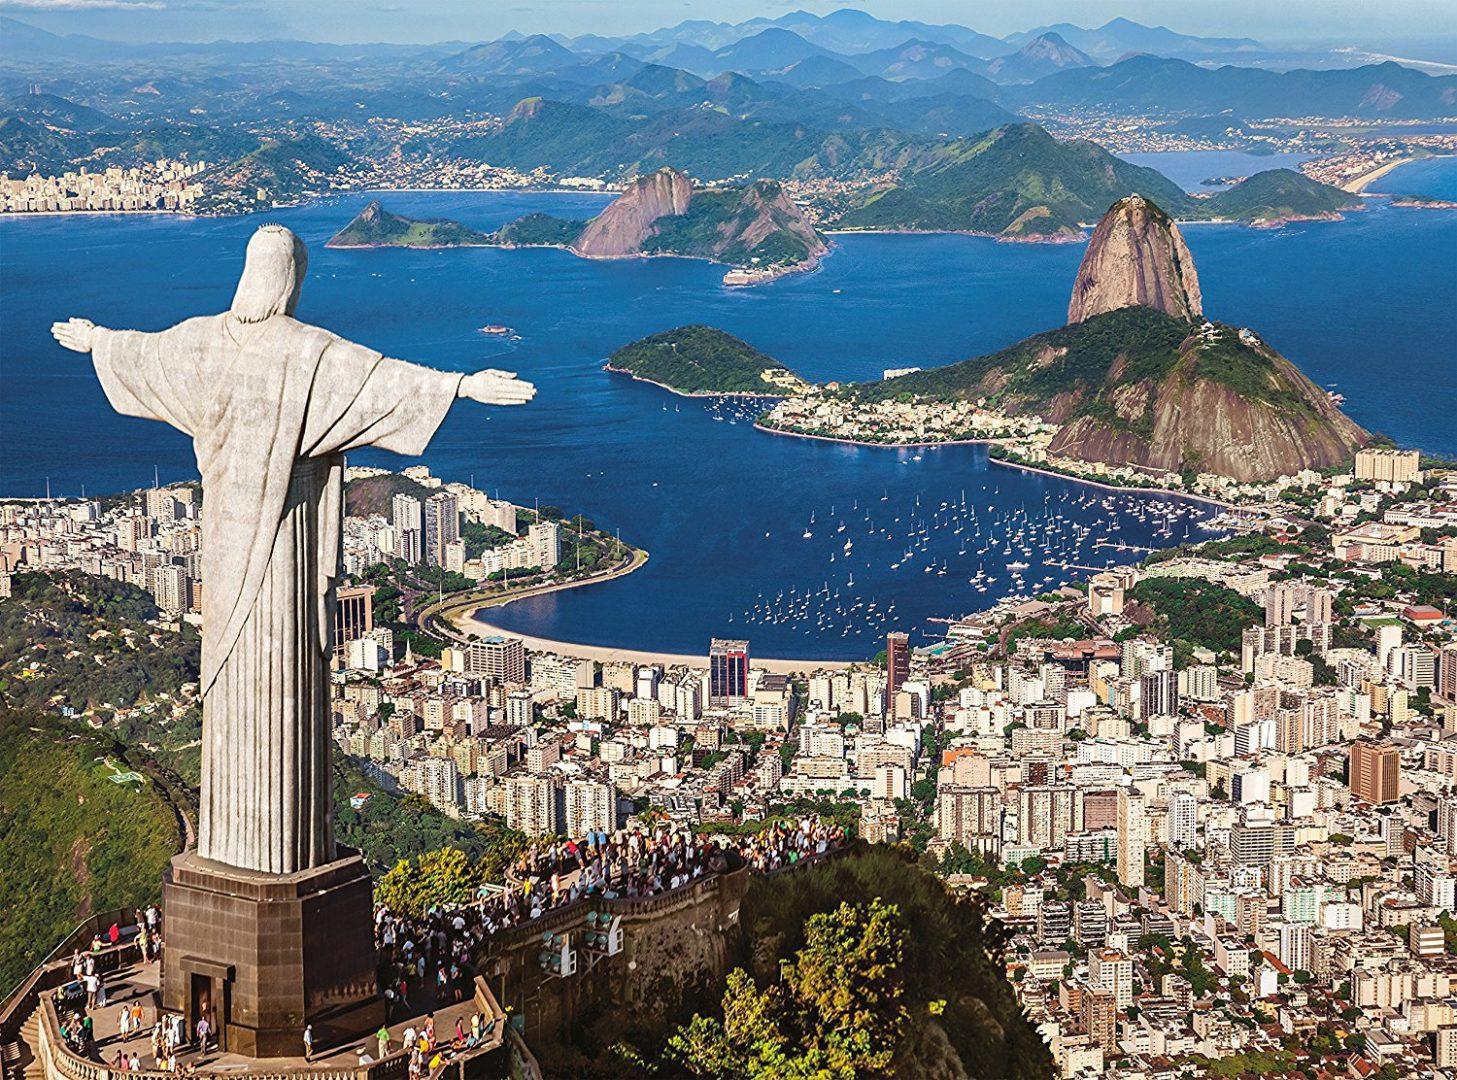 Foto9 Rio de Janeiro American Airlines retomará voos diretos entre Rio e Nova York